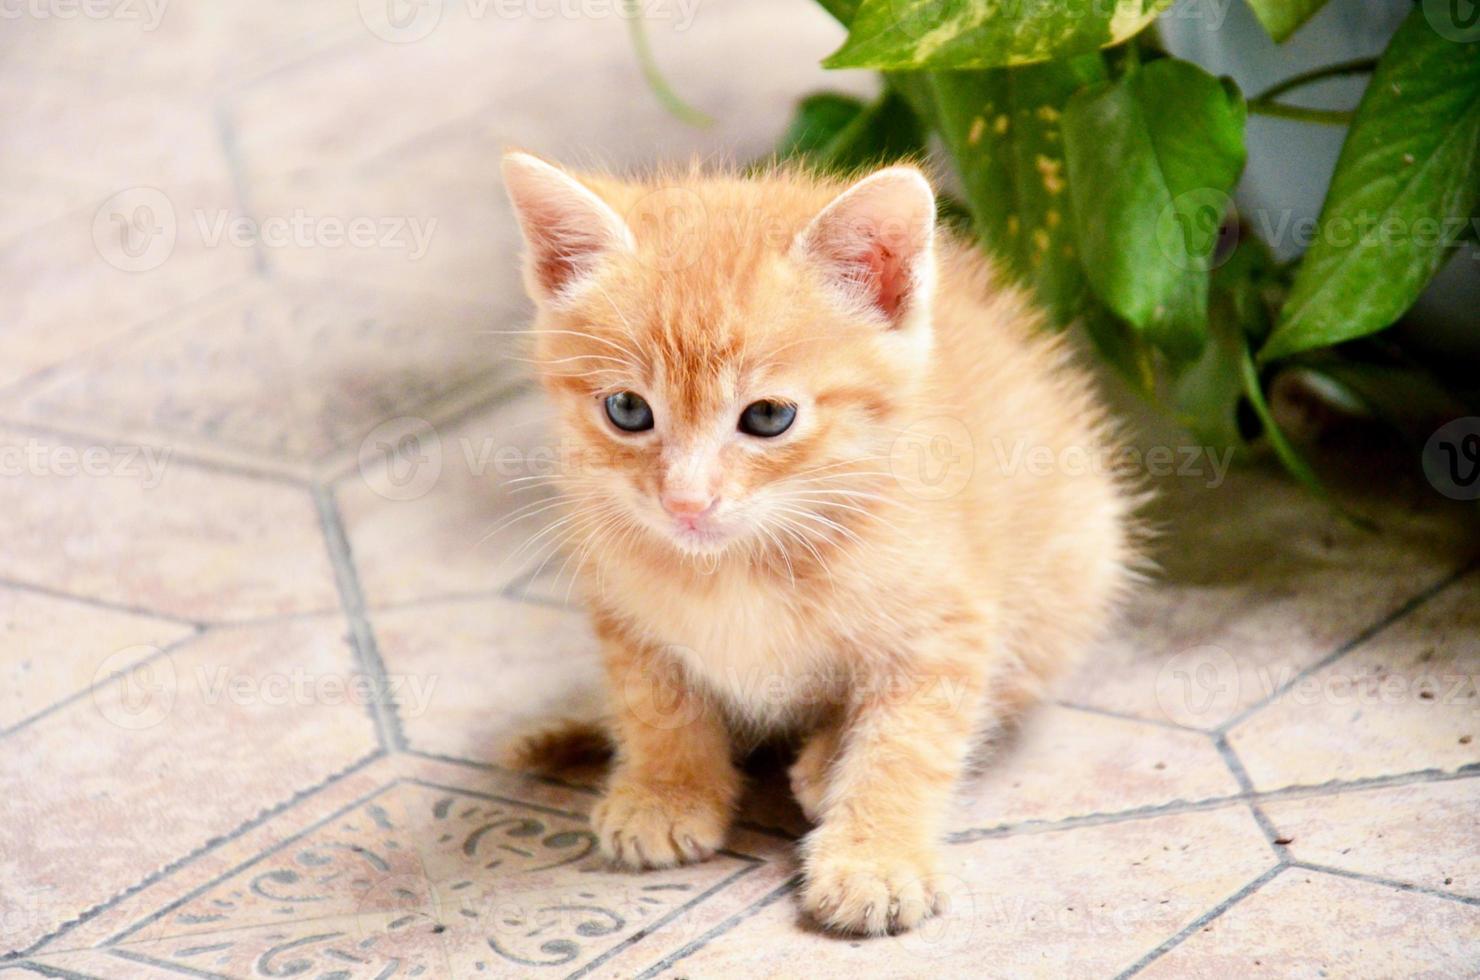 kitten is op zoek naar iets foto